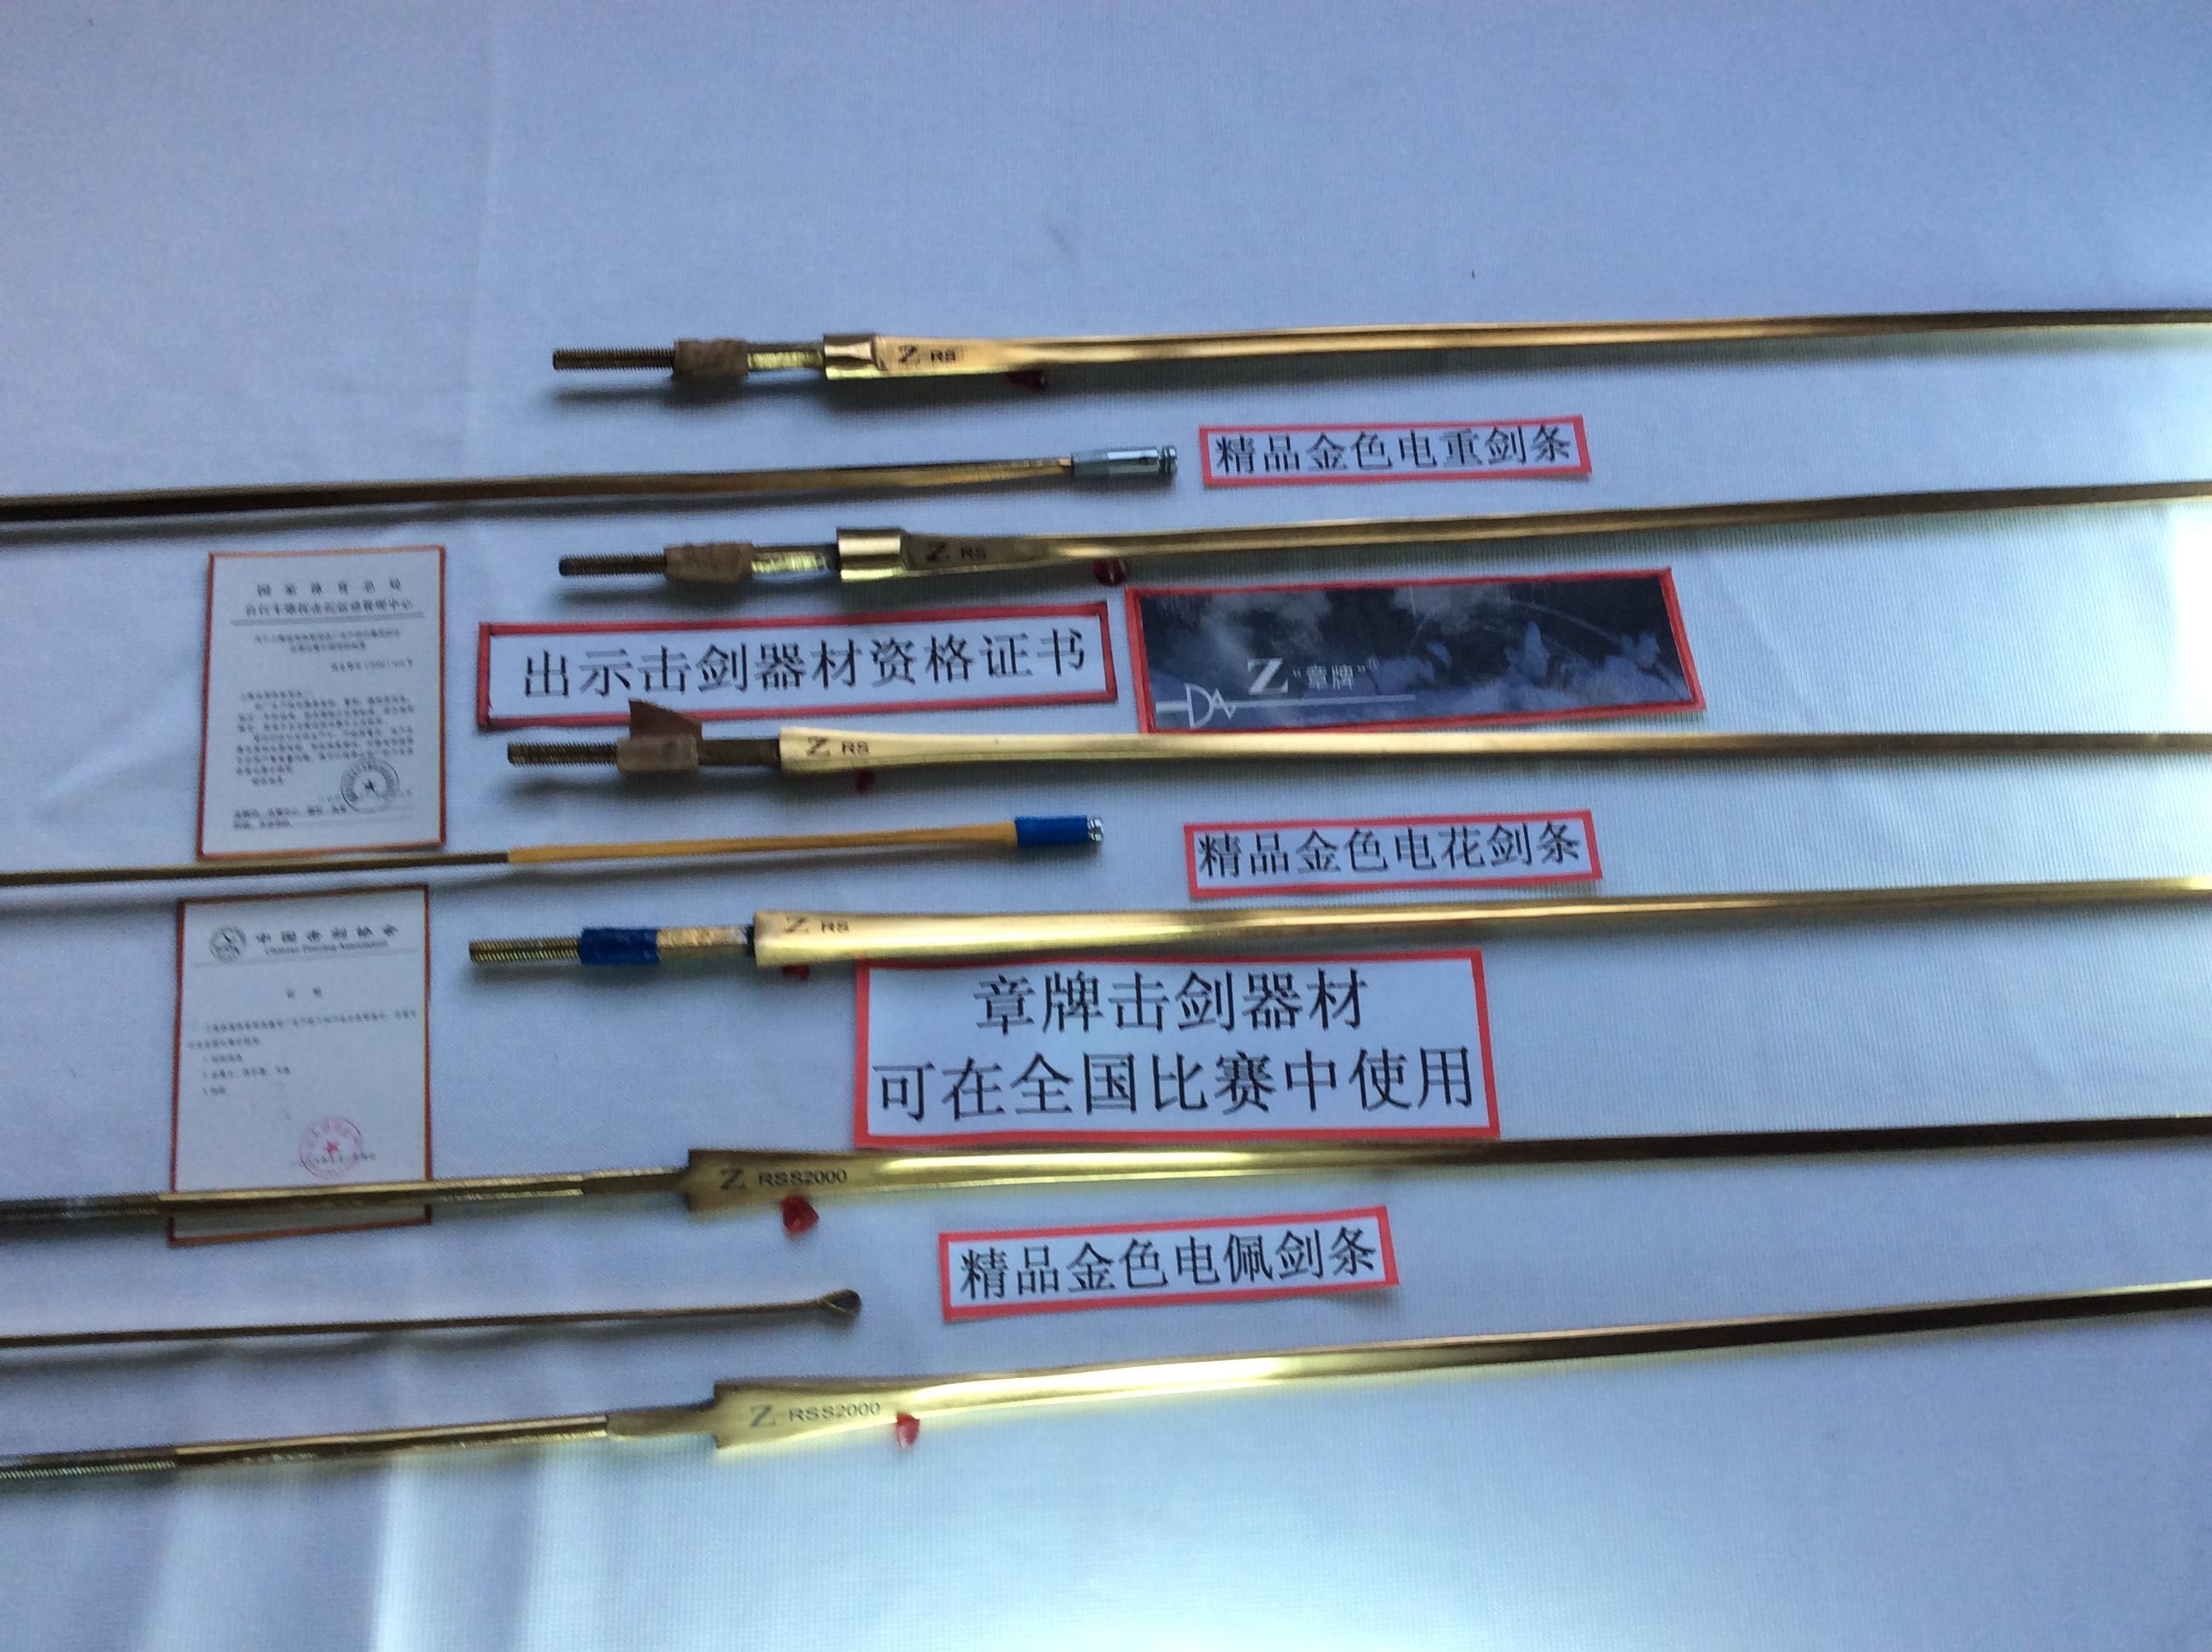 Z章牌金色电佩剑条 佩剑条 金色剑条 击剑器材(单买3条起)